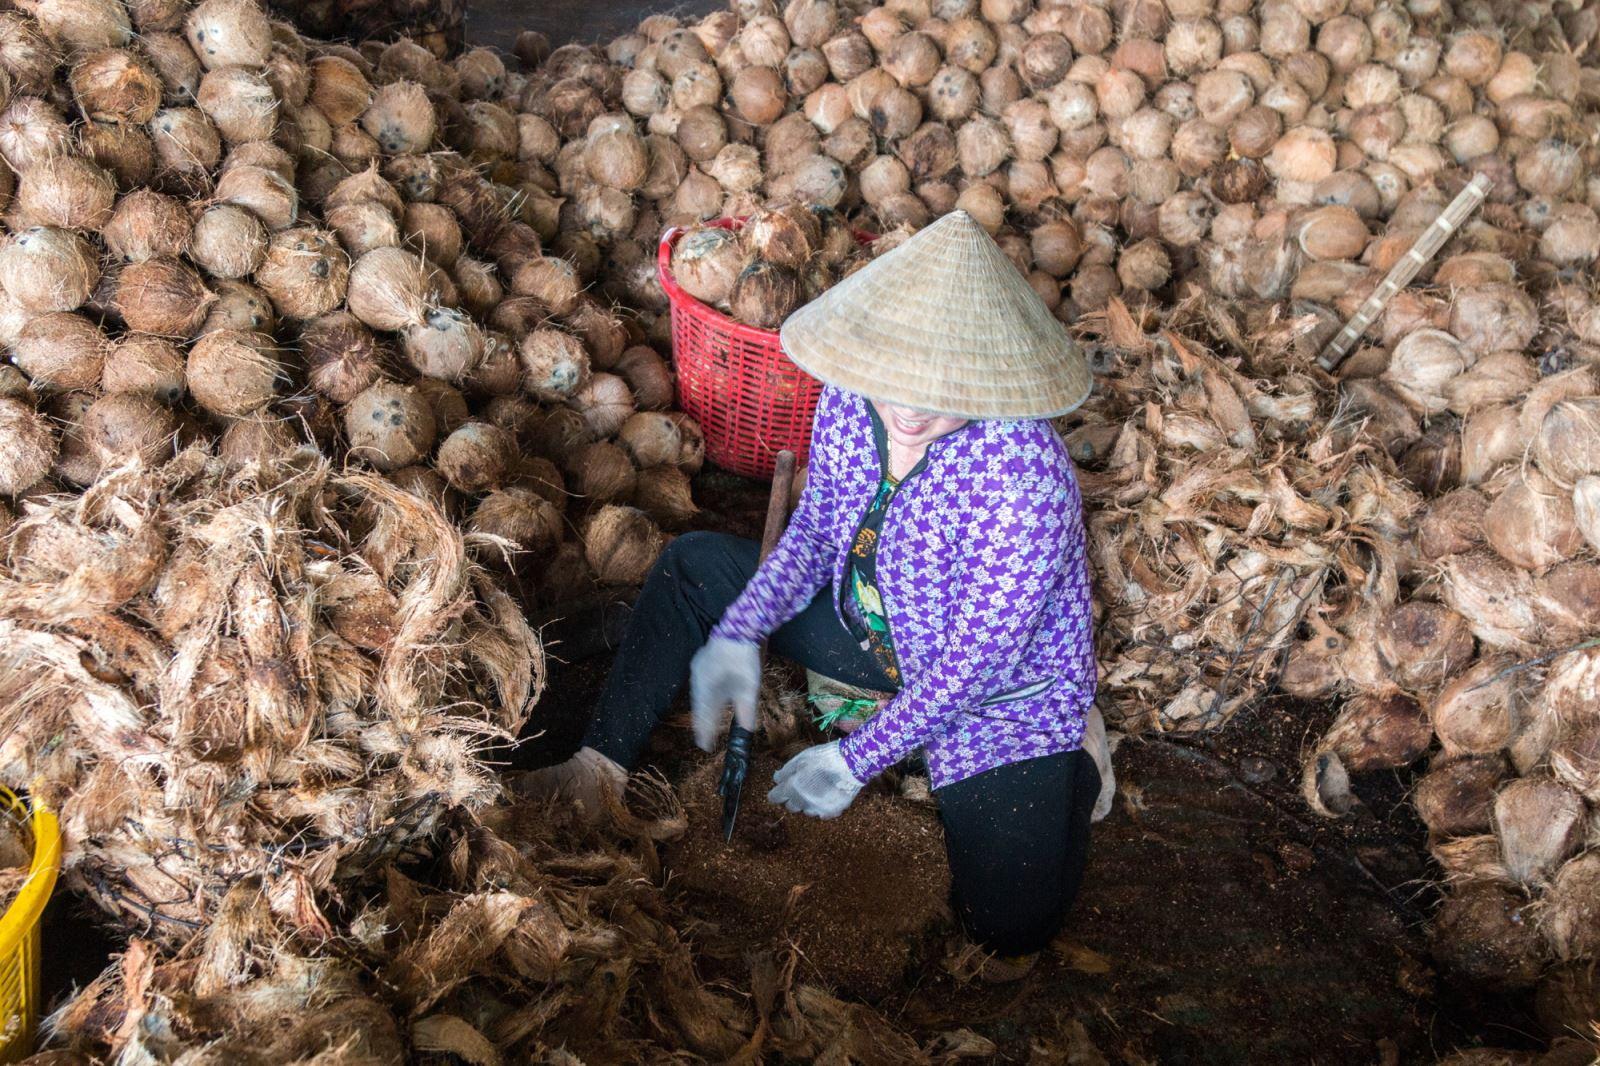 Chiết xơ dừa. (Xơ dừa được dùng làm nguyên liệu để sản xuất ra các mặt hàng như : lưới xơ dừa, chỉ xơ dừa, thảm xơ dừa…).